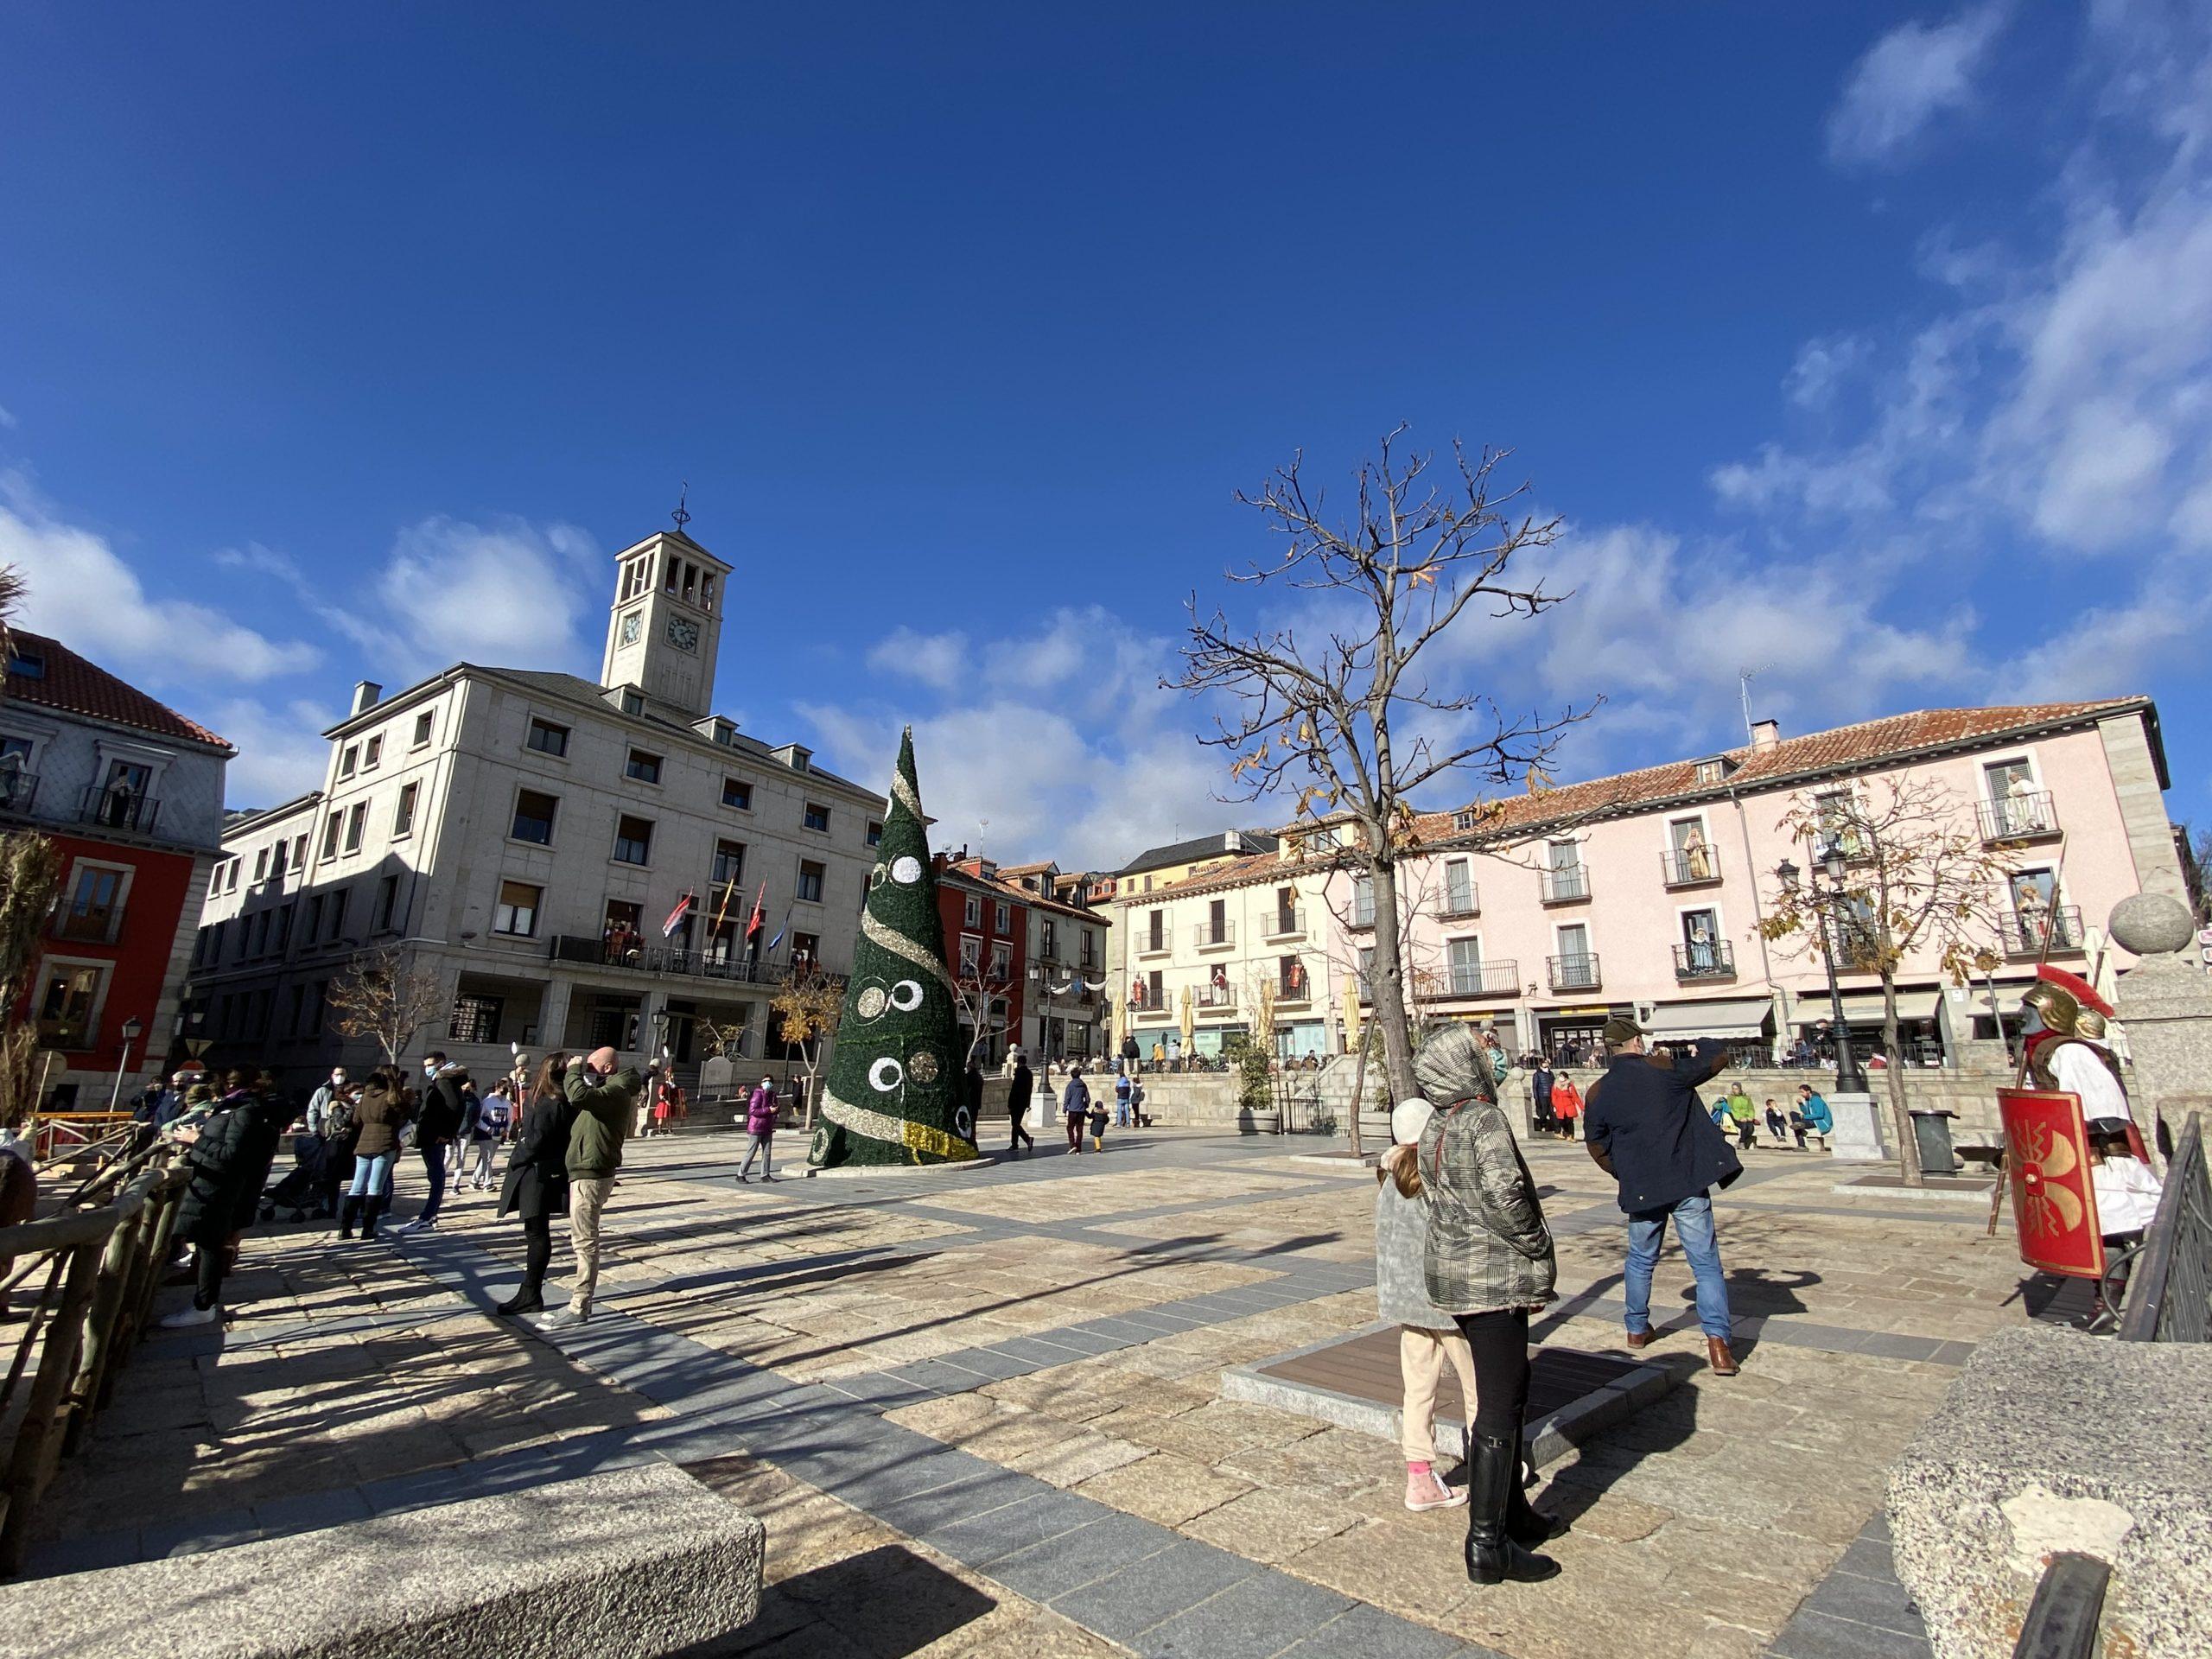 plaza-constitución-san-lorenzo-escorial